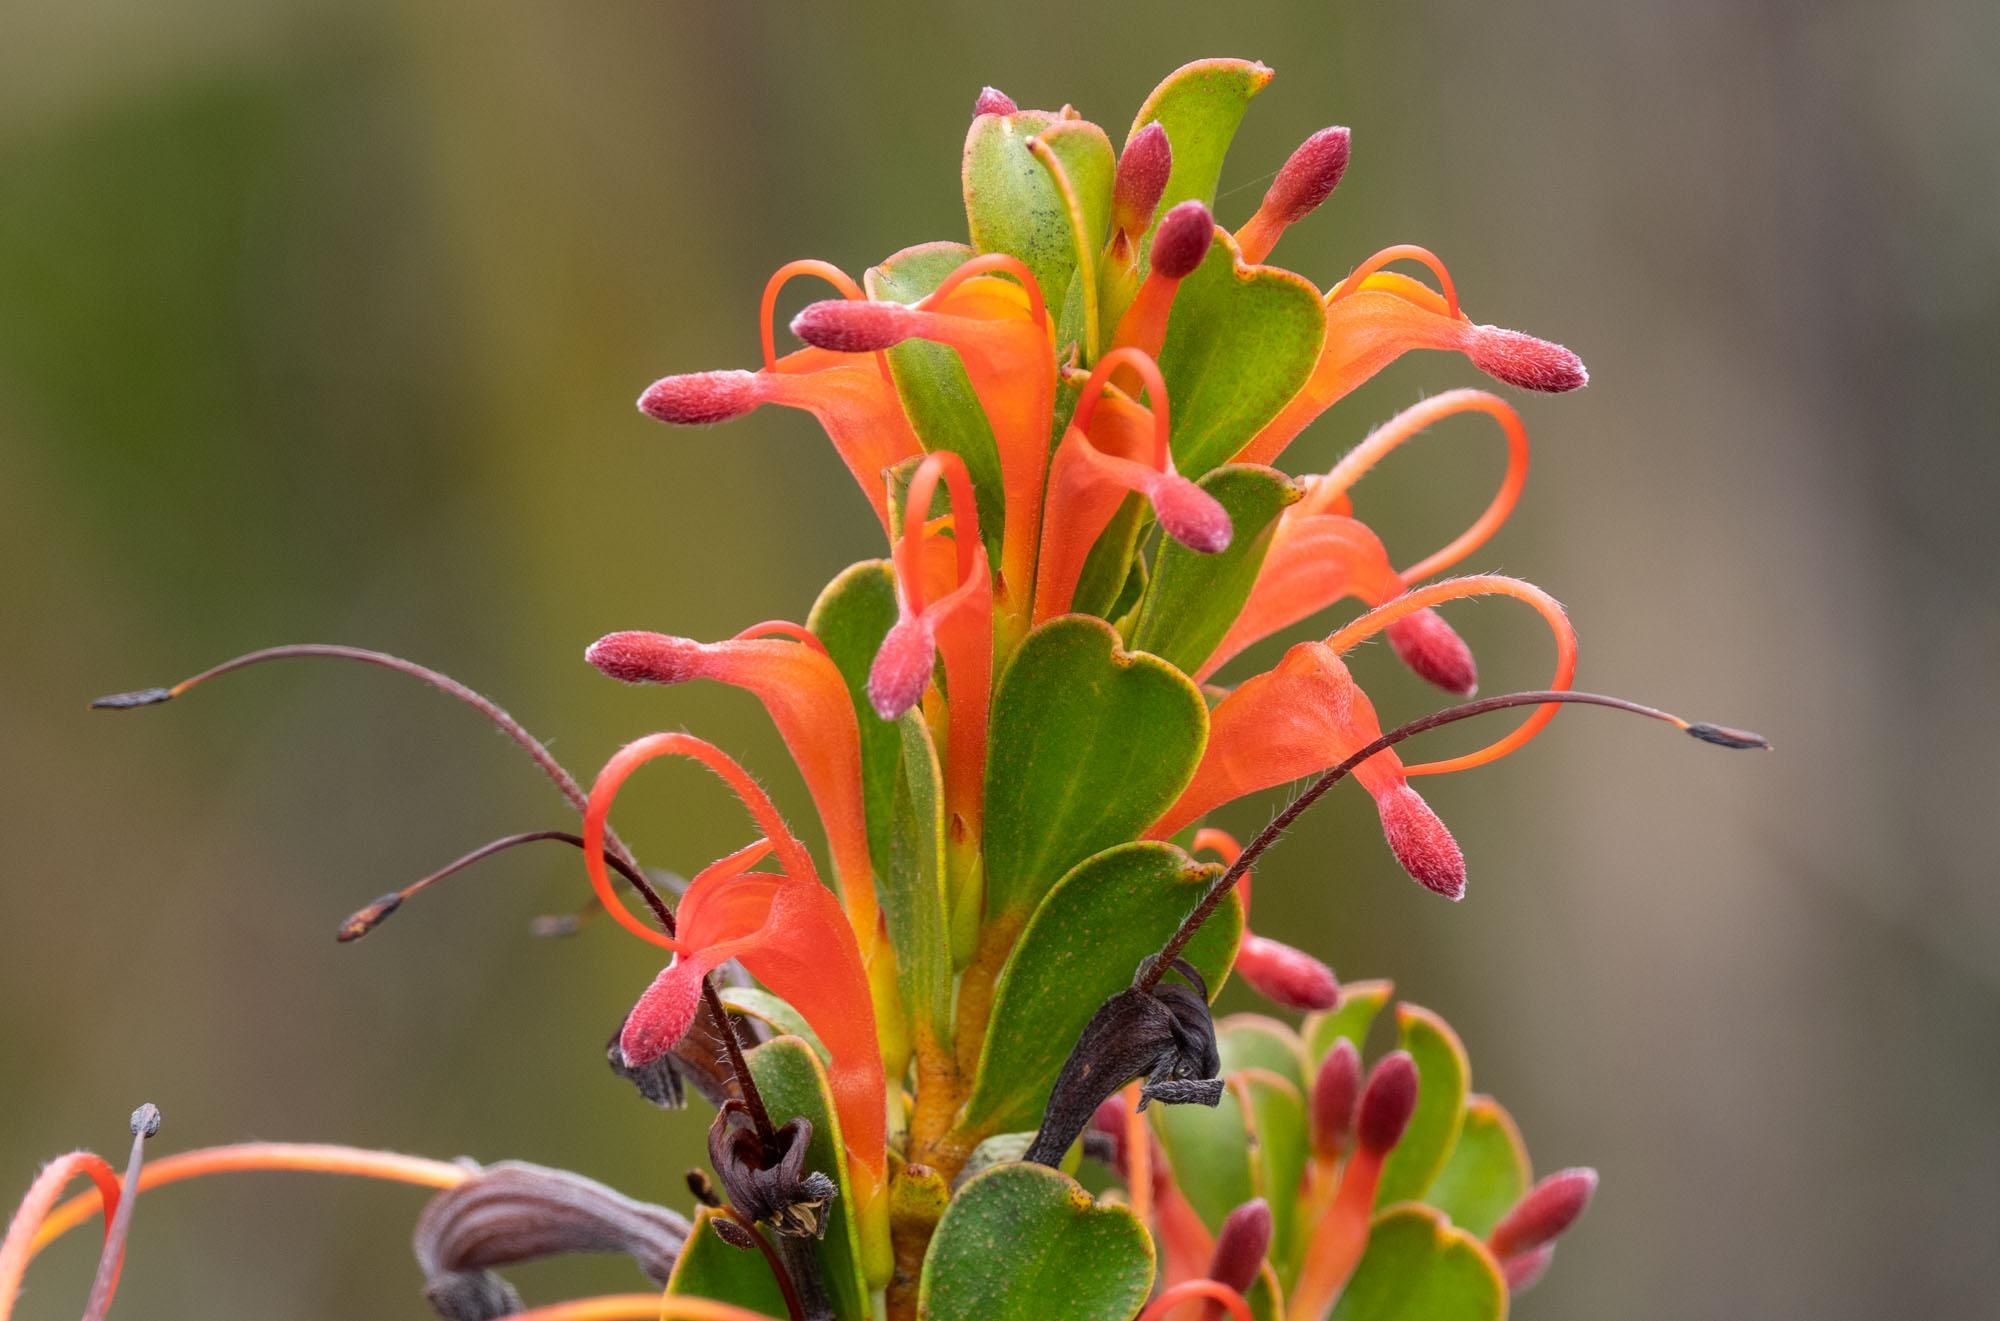 Adenanthos obovata ('Basket Flower')